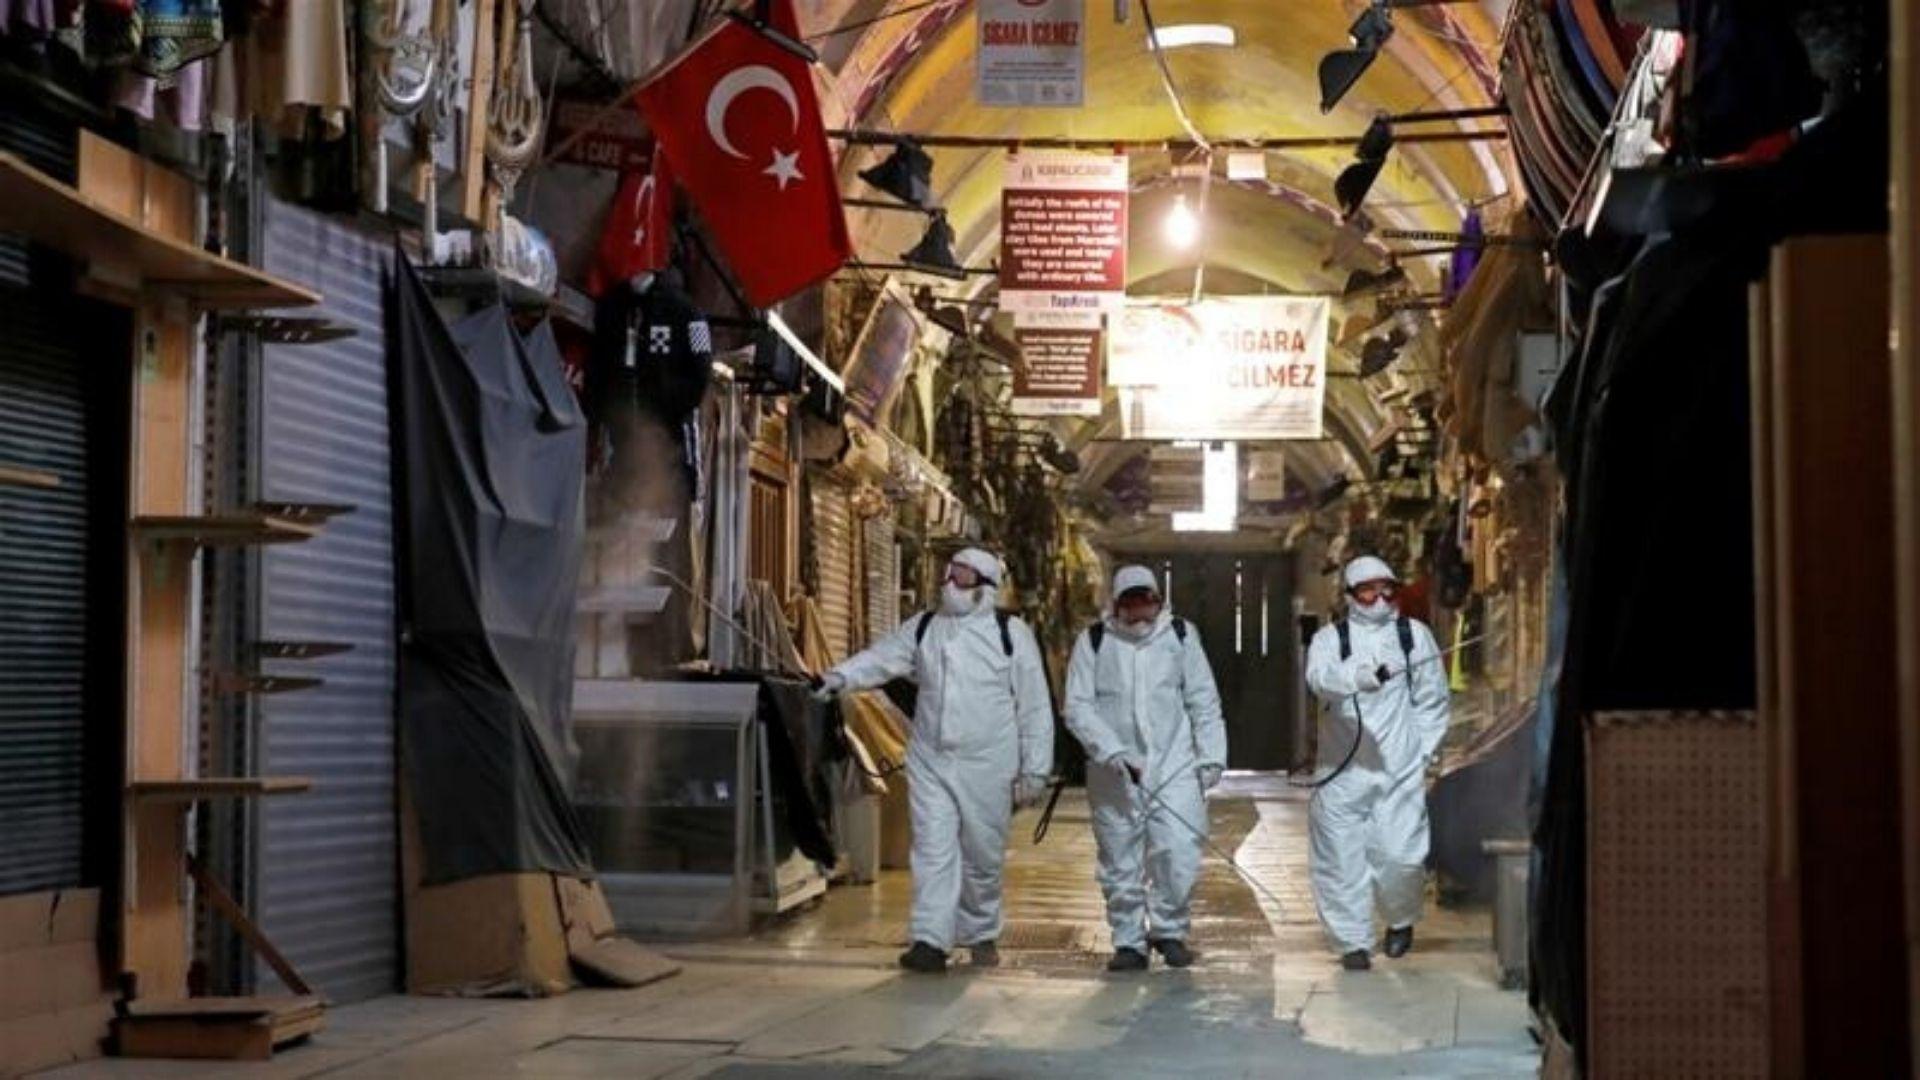 თურქეთი დაწესებული შეზღუდვების შერბილებას იწყებს | Covid-19